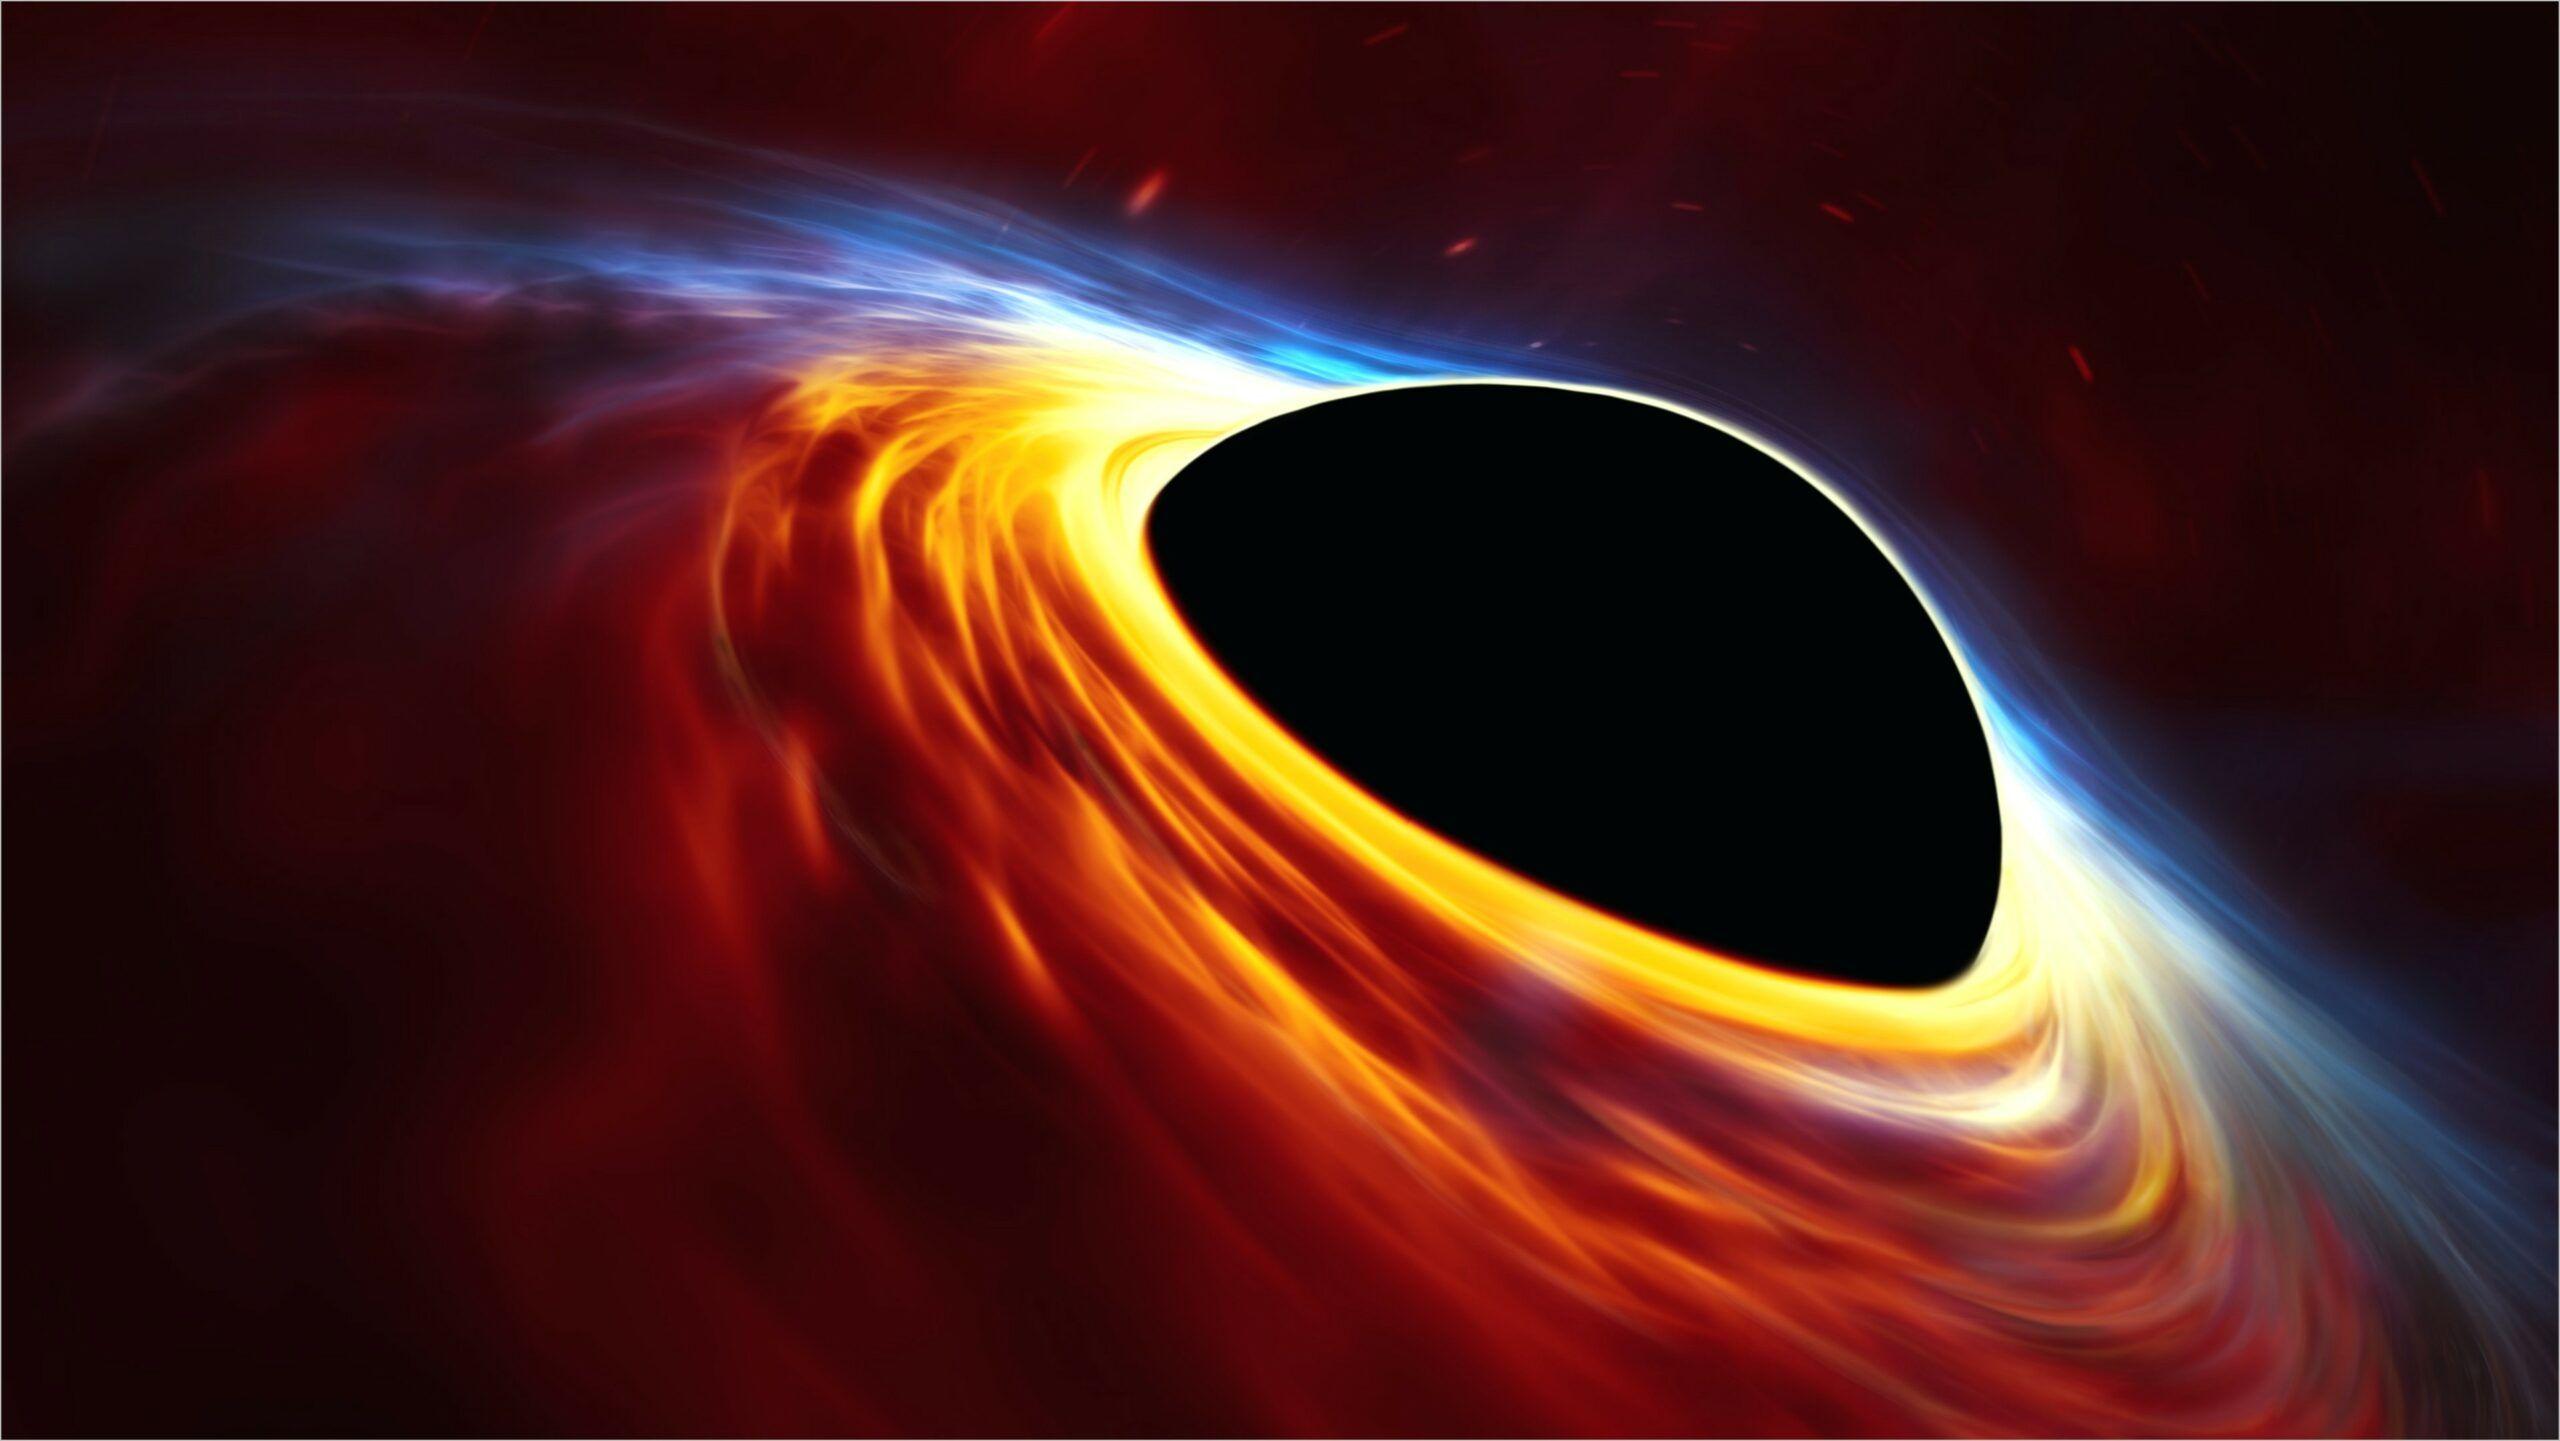 Flat Black Wallpaper 4k In 2020 Black Hole Wallpaper Black Hole Black Wallpaper